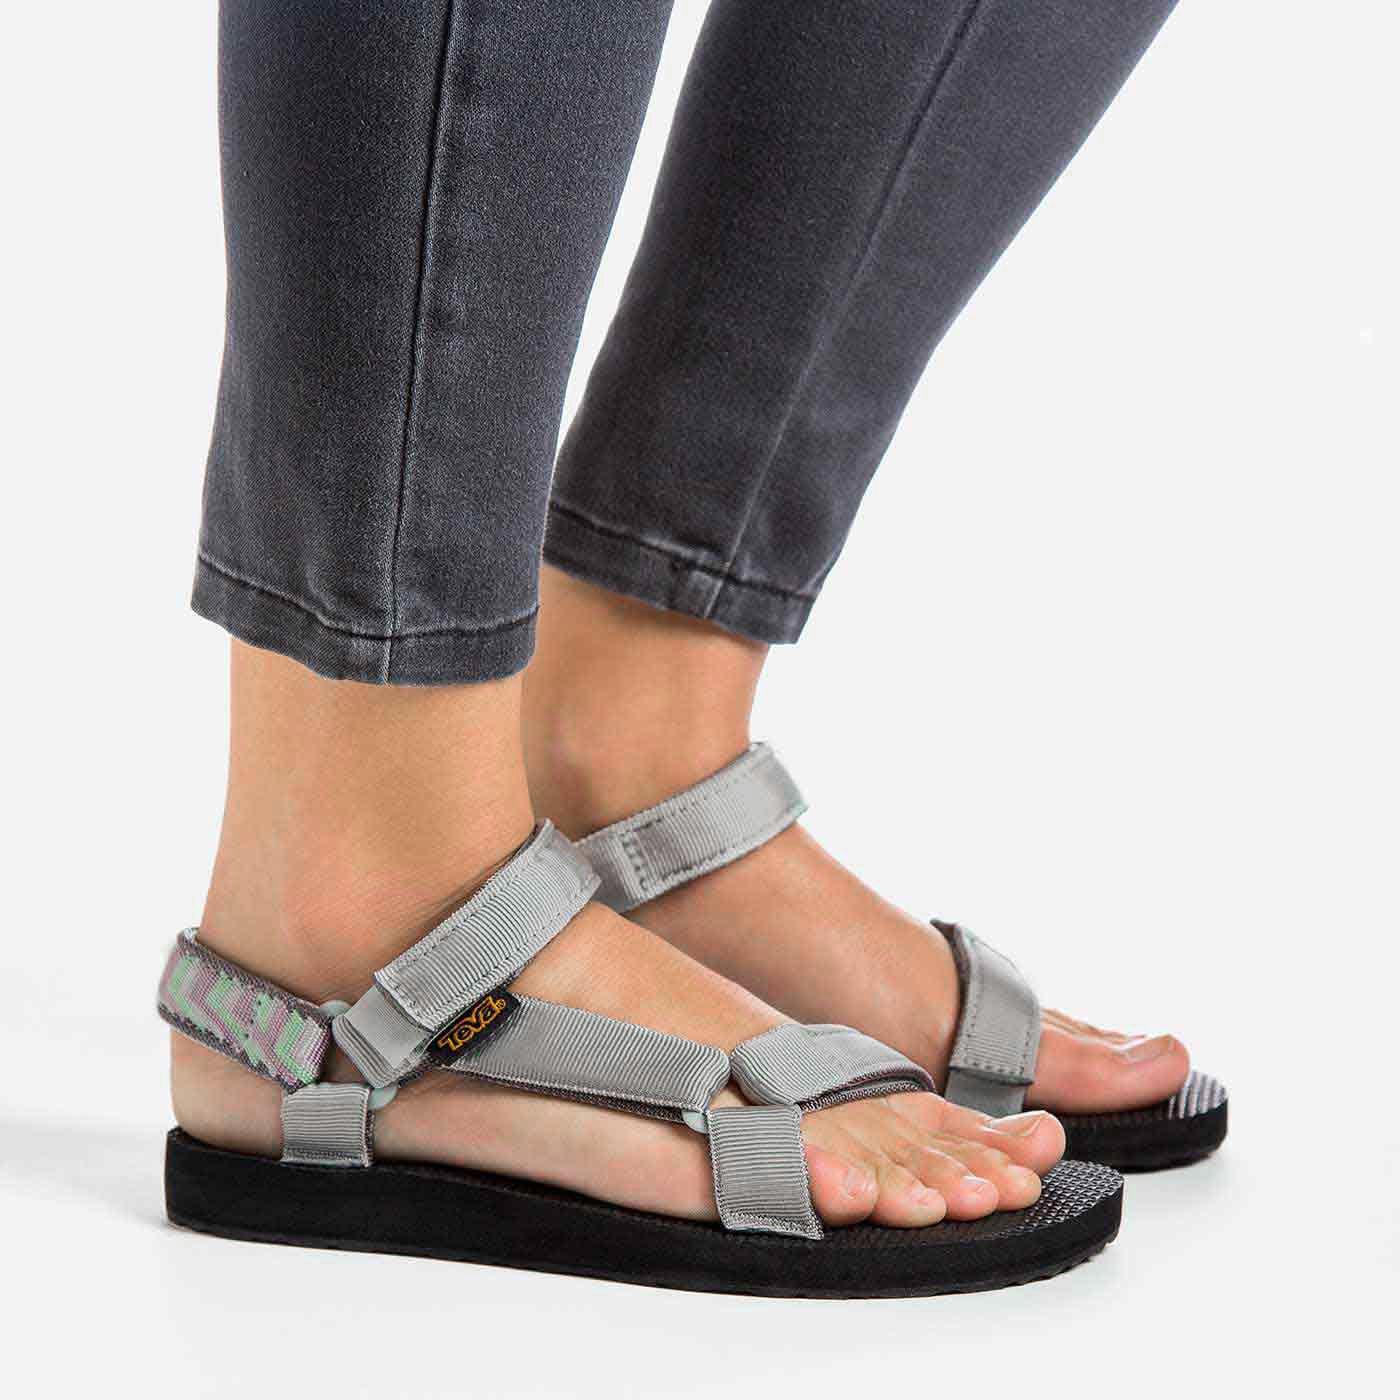 Teva Original Universal Mens Sandals Grey